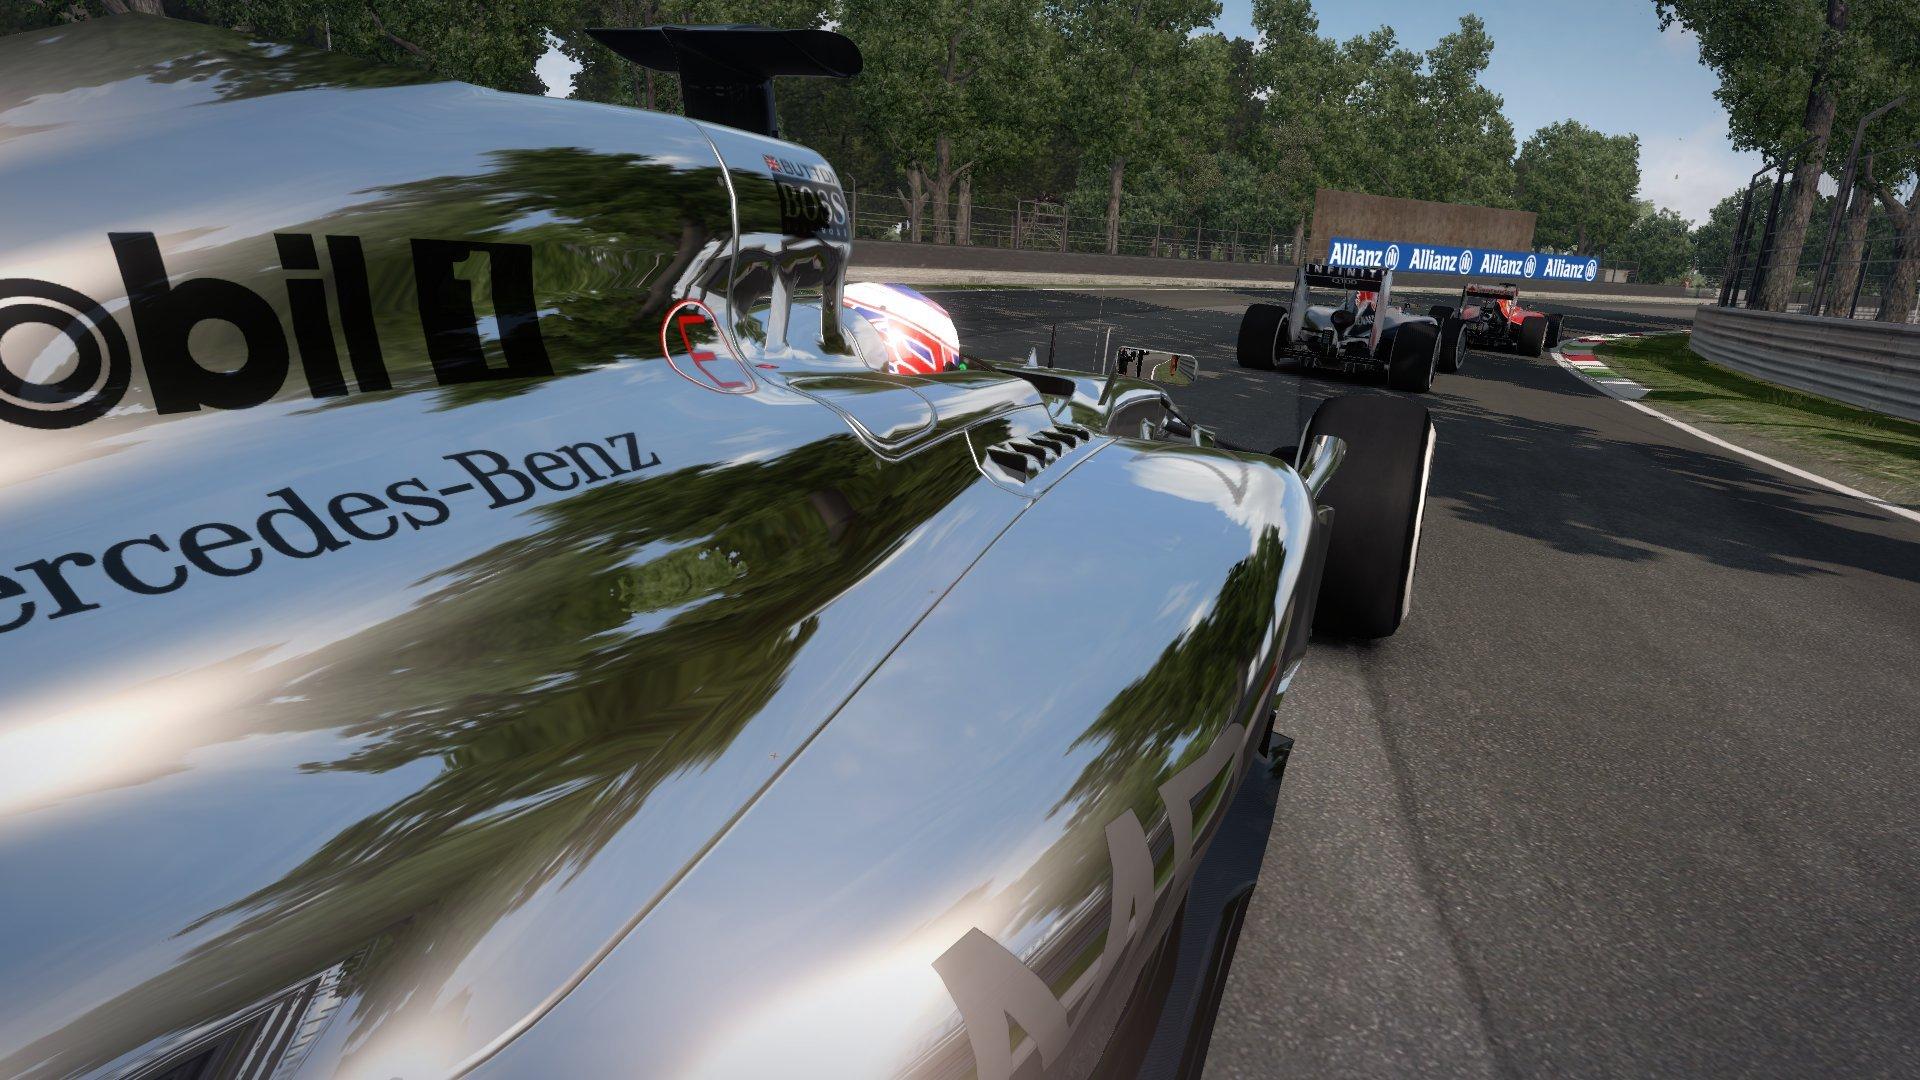 F1 2014 (Formula 1) - PlayStation 3 by Bandai (Image #26)